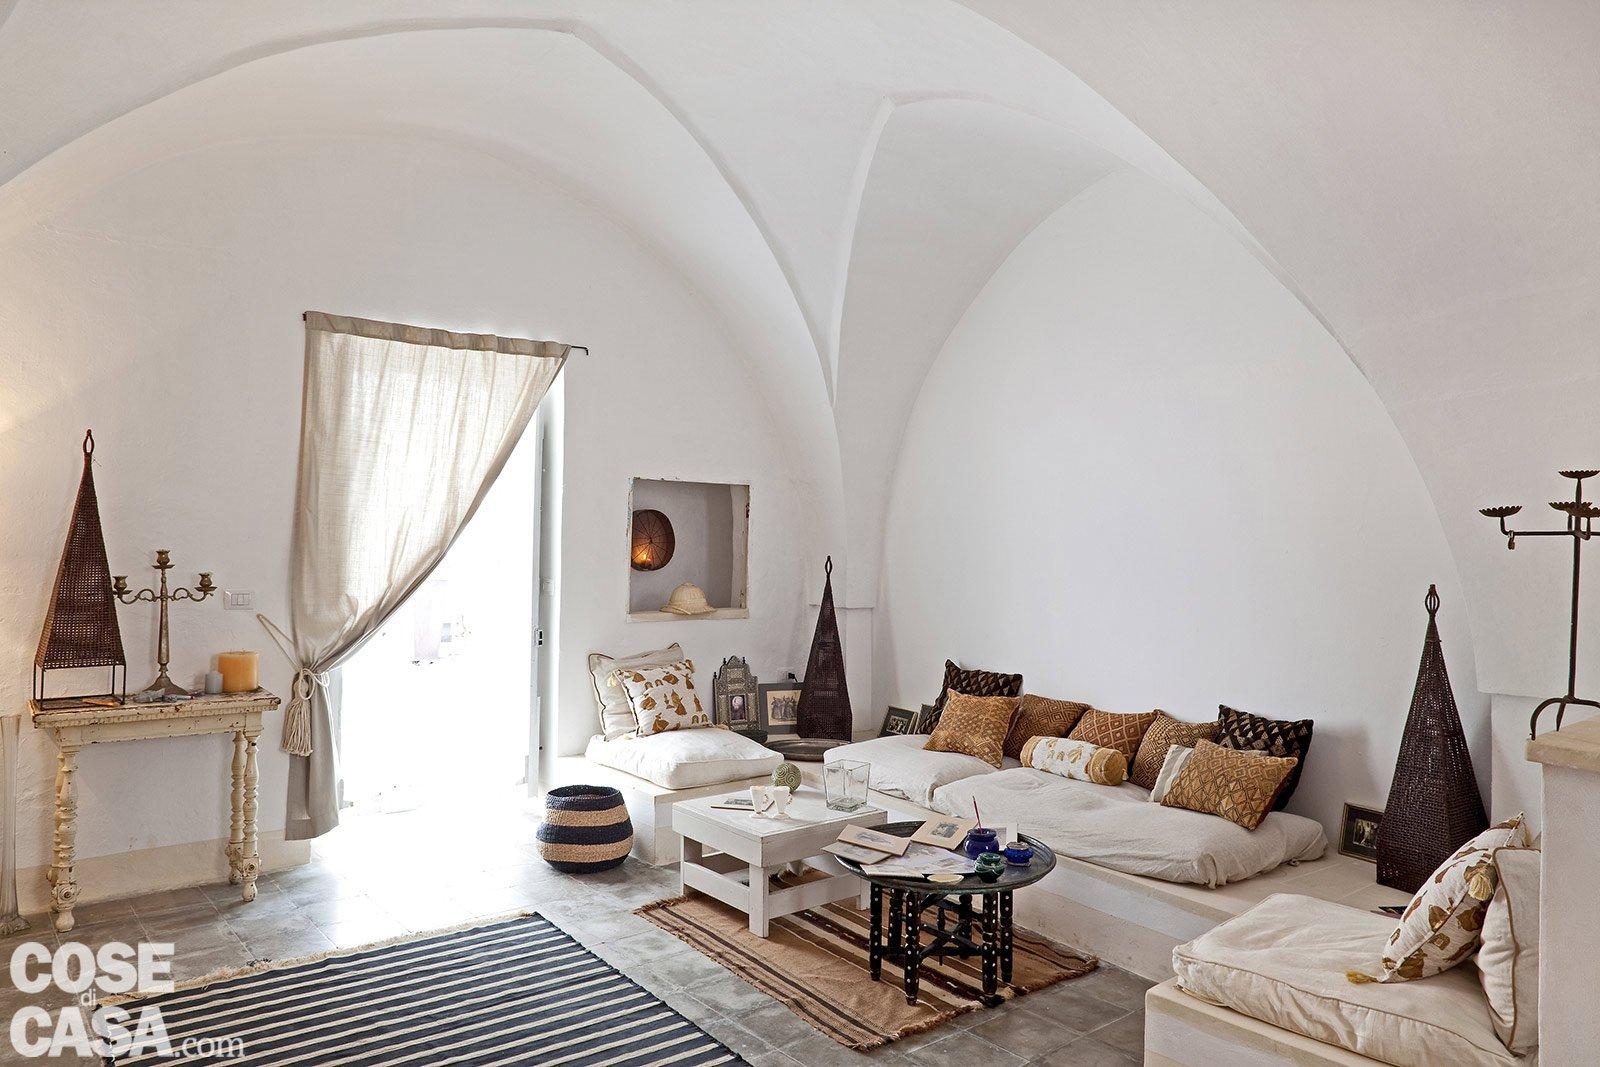 Una casa in pietra in stile mediterraneo cose di casa for Piani di casa bassa architettura del paese